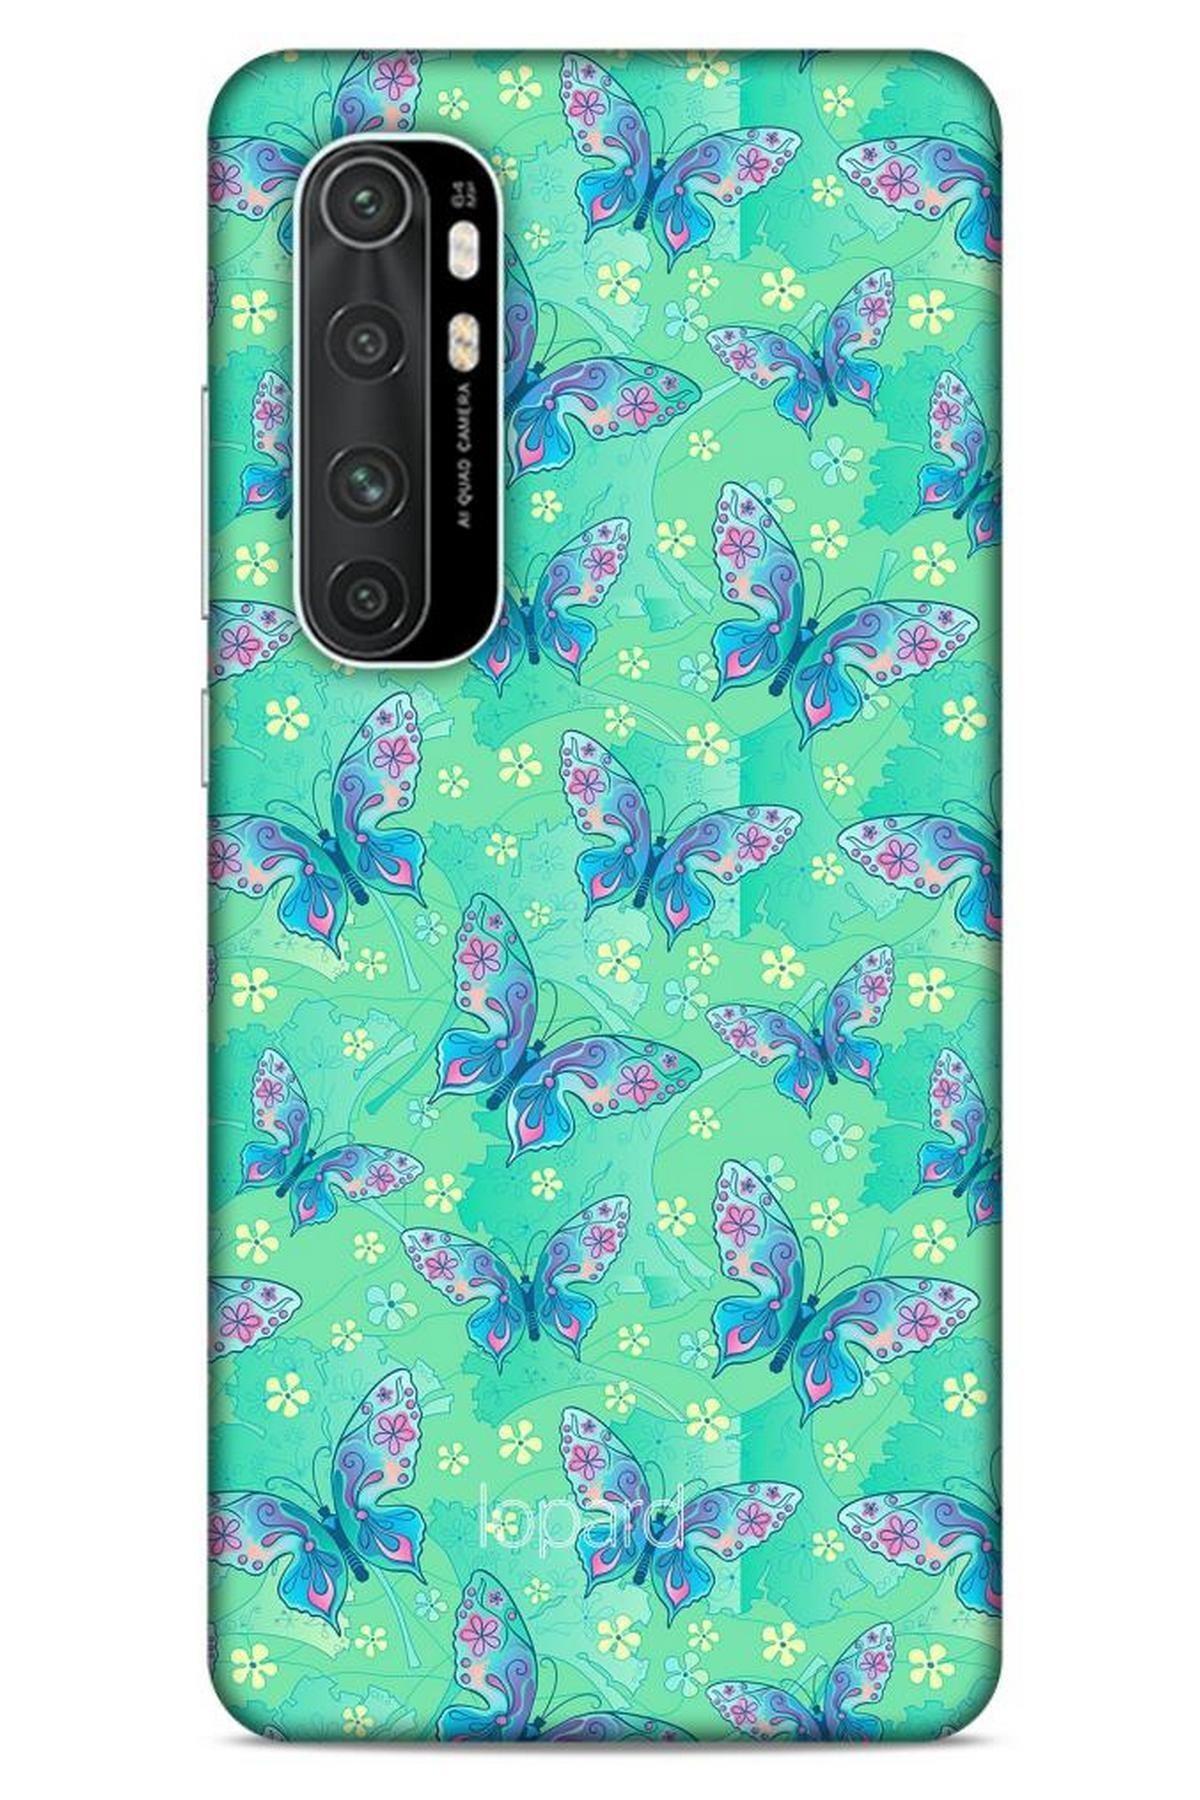 Lopard Xiaomi Mi Note 10 Lite Kılıf Kelebek Etkisi (10) Full Koruma Kılıfı Fuşya Yeşil 1